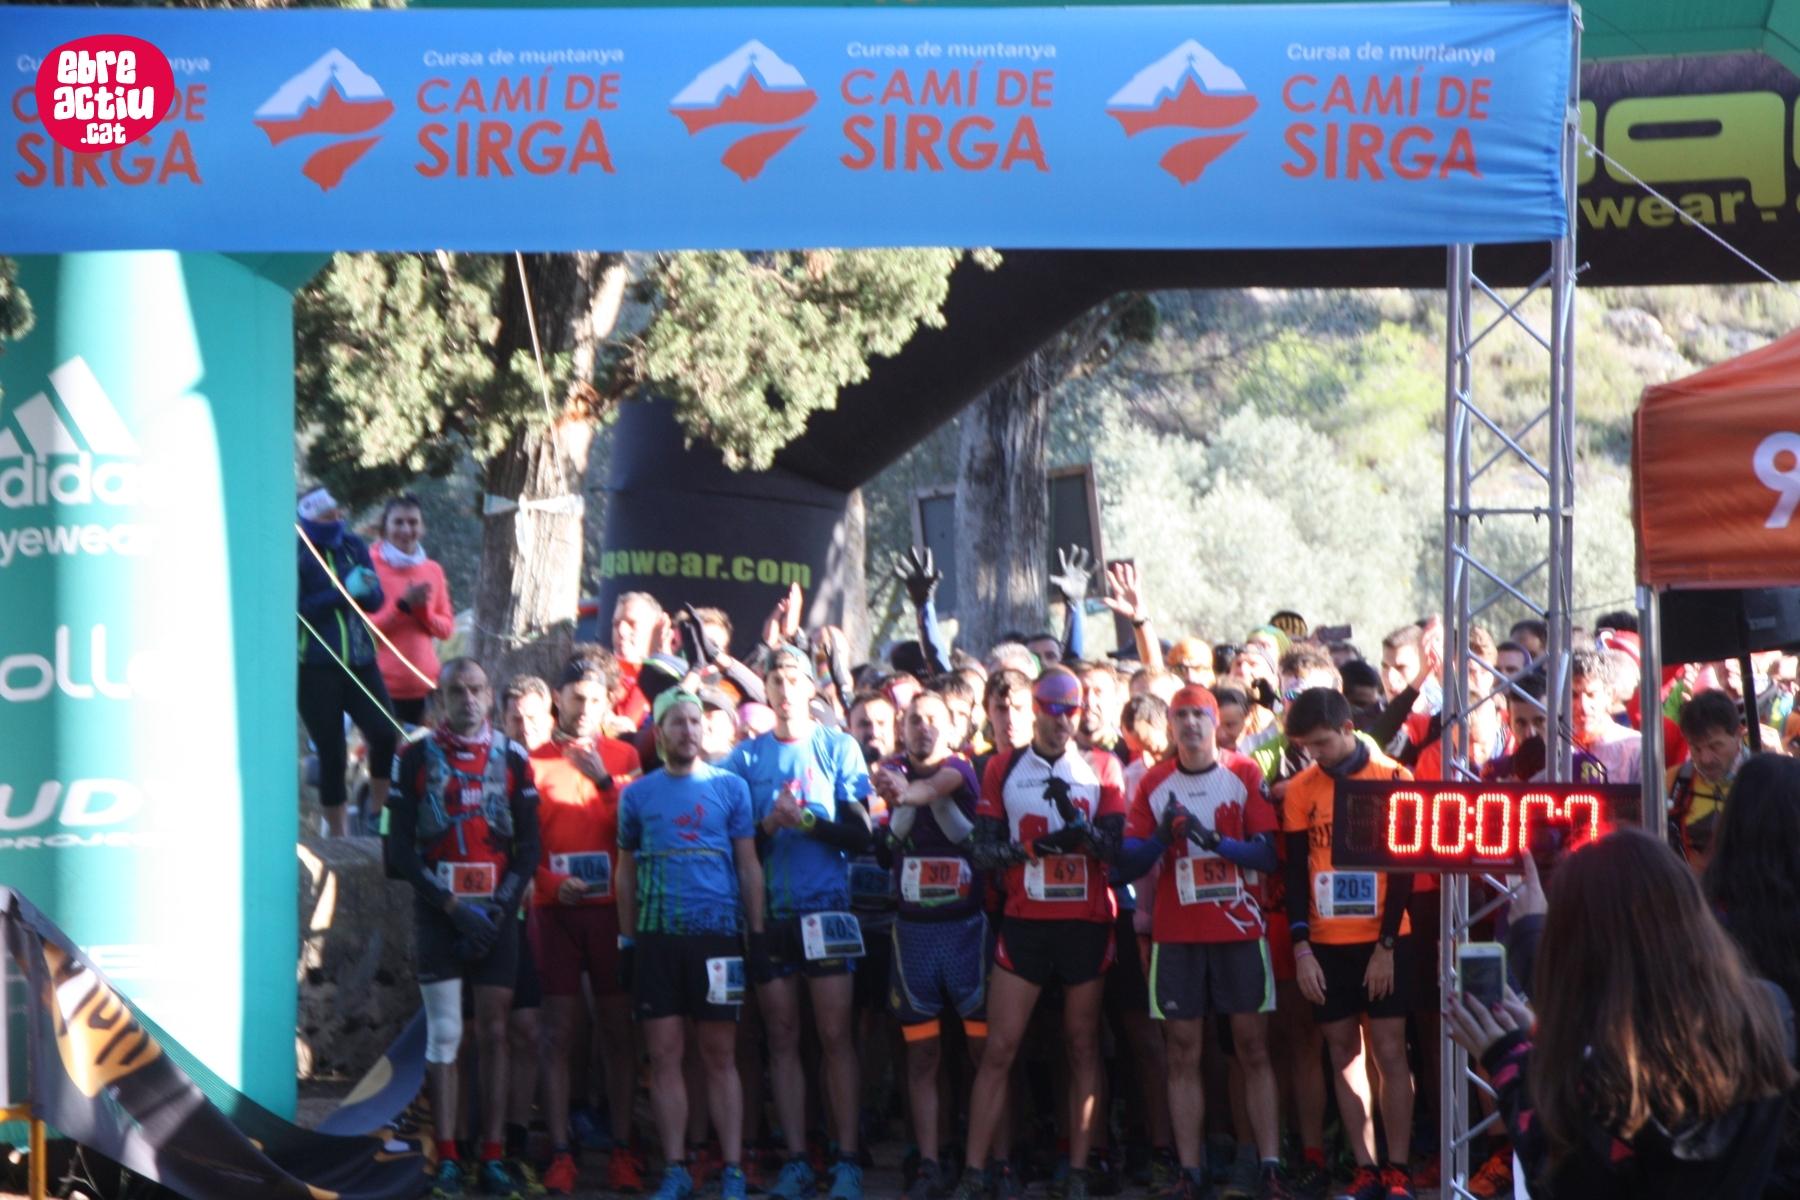 Fotos de la 10a Cursa Camí de Sirga (Móra d'Ebre, 10/11/2019)